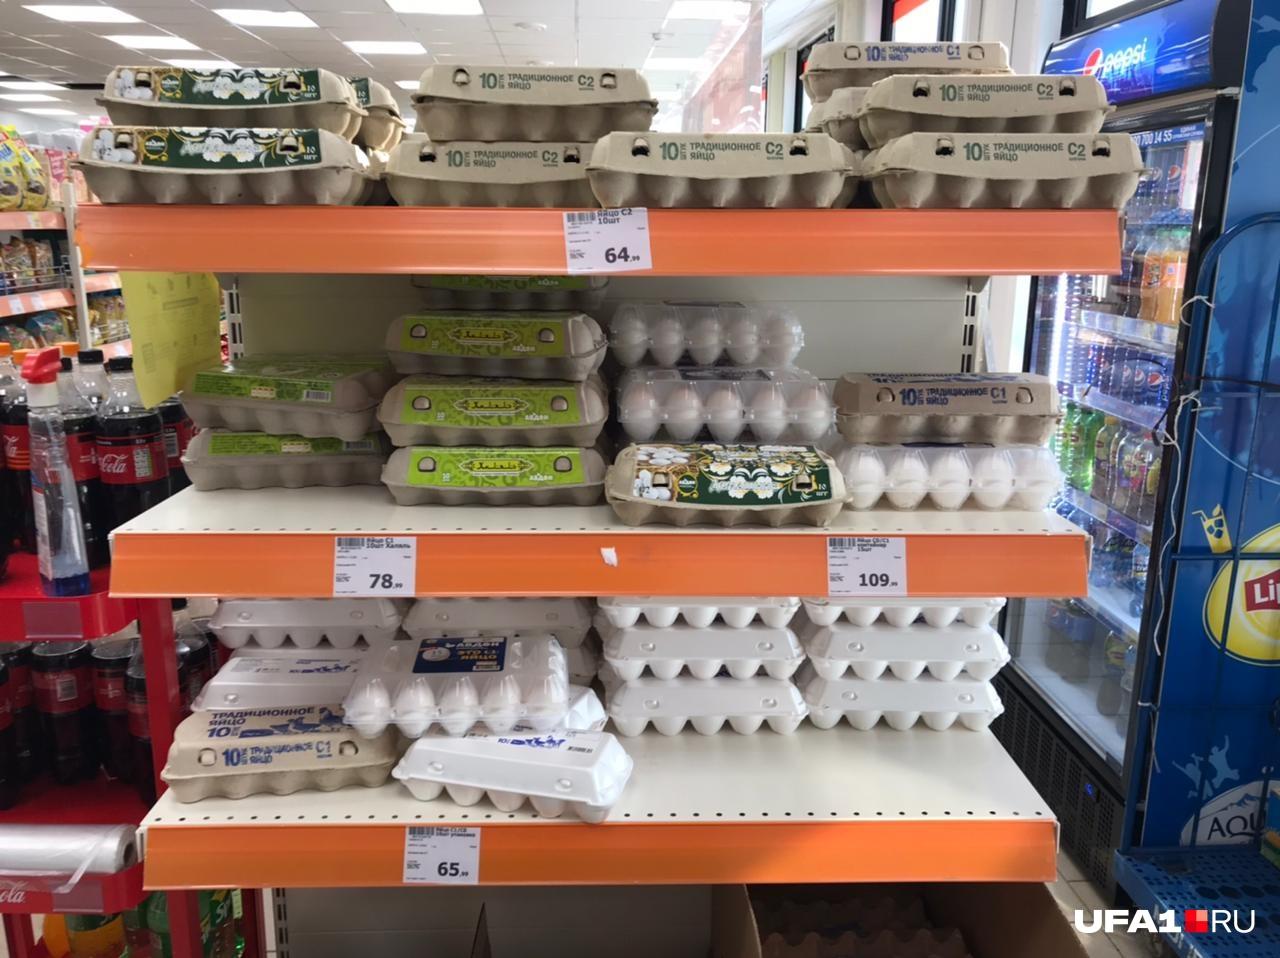 И снова «Монетка». Хотя упаковка яиц за 109 рублей— скорее исключение, чем правило, но она тут есть